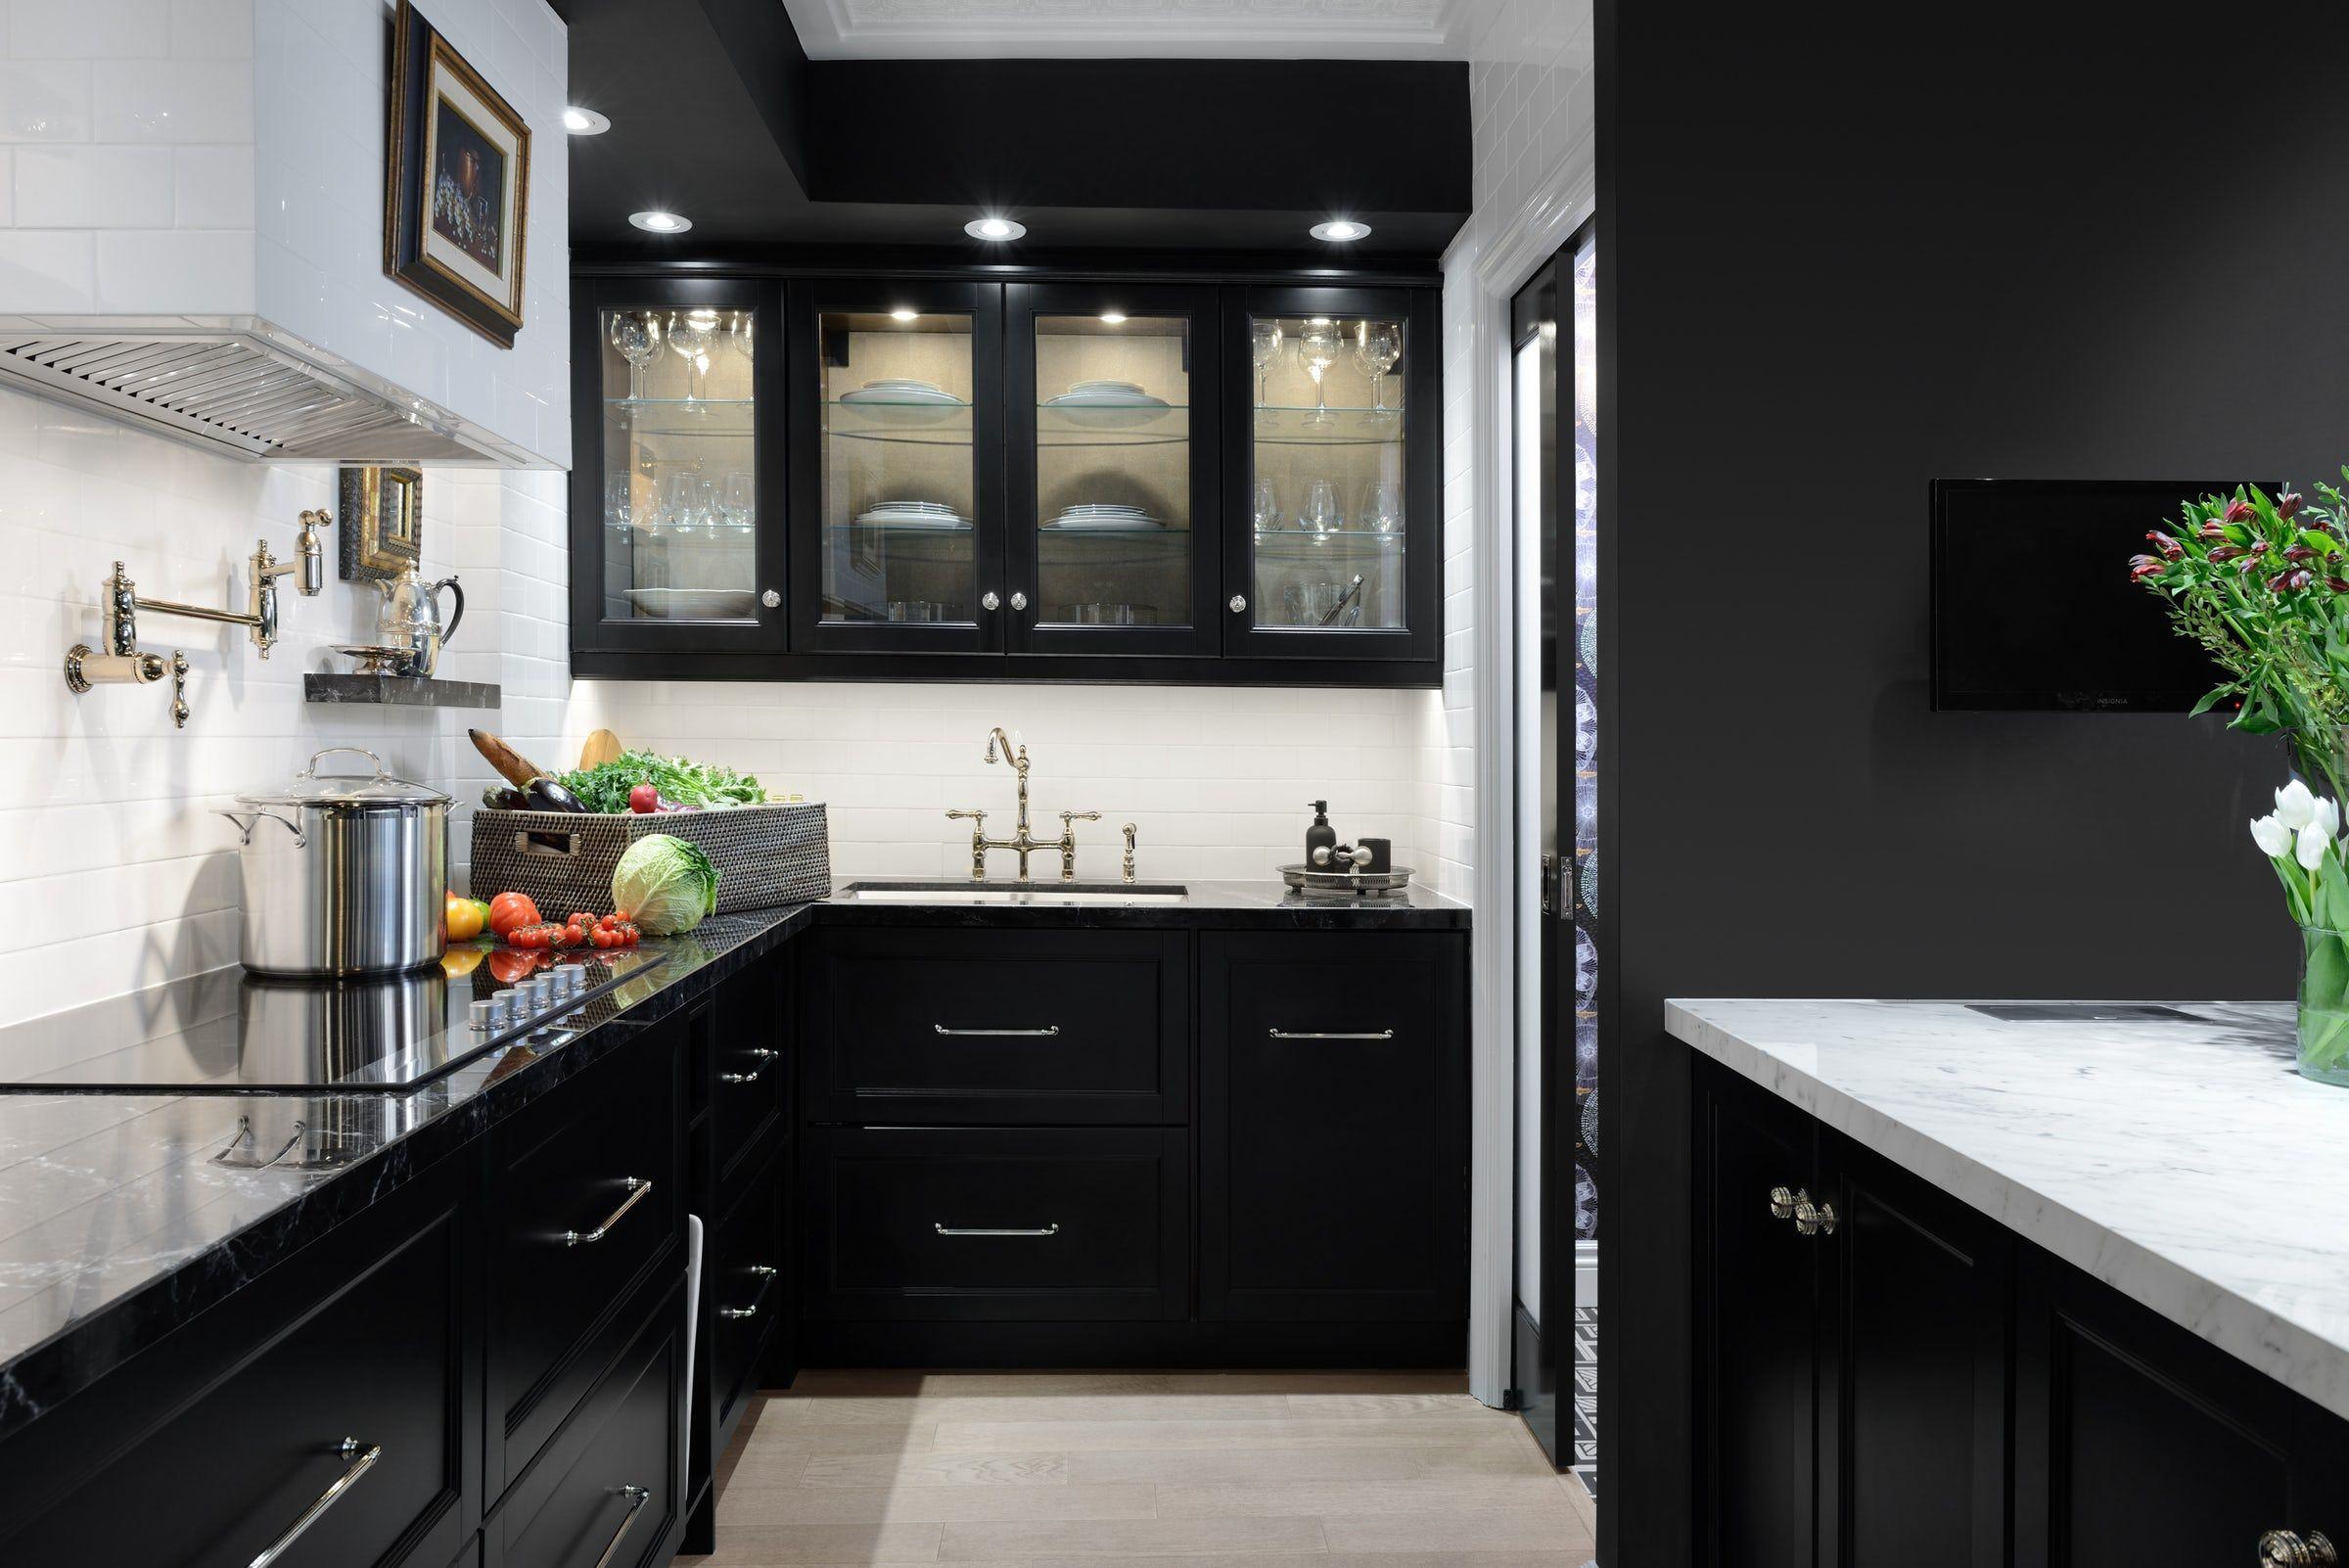 couleur foncee cuisine meuble noir